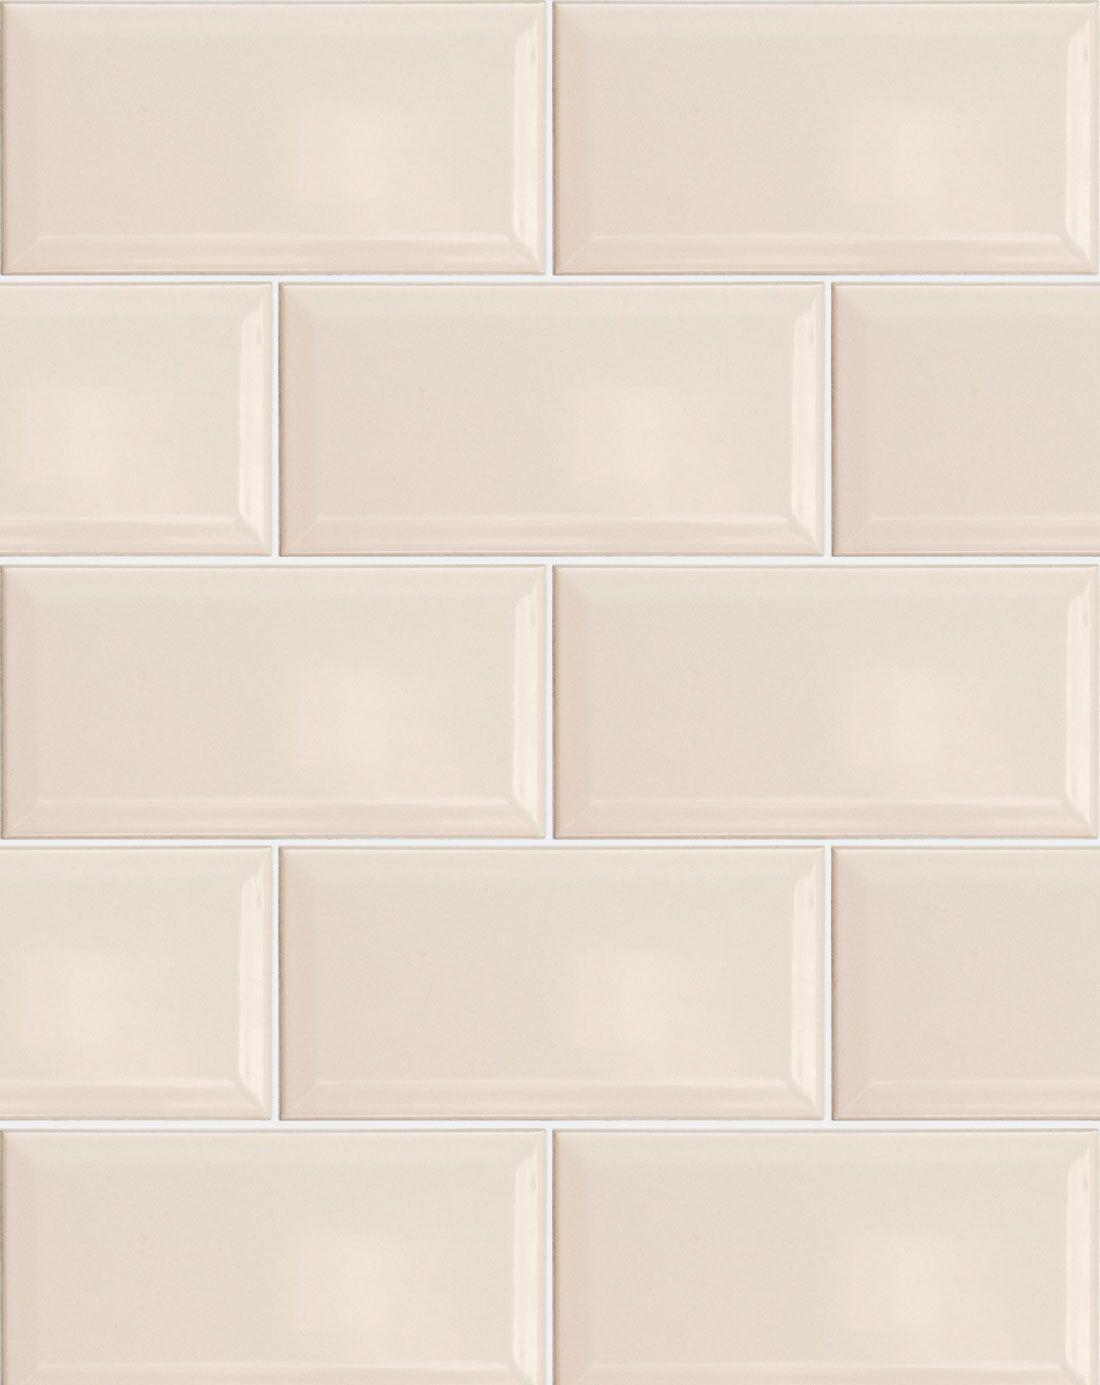 Metro Cream Wall Tile Kitchen Tiles Direct Kitchen Wall Tiles Cream Kitchen Walls Cream Walls